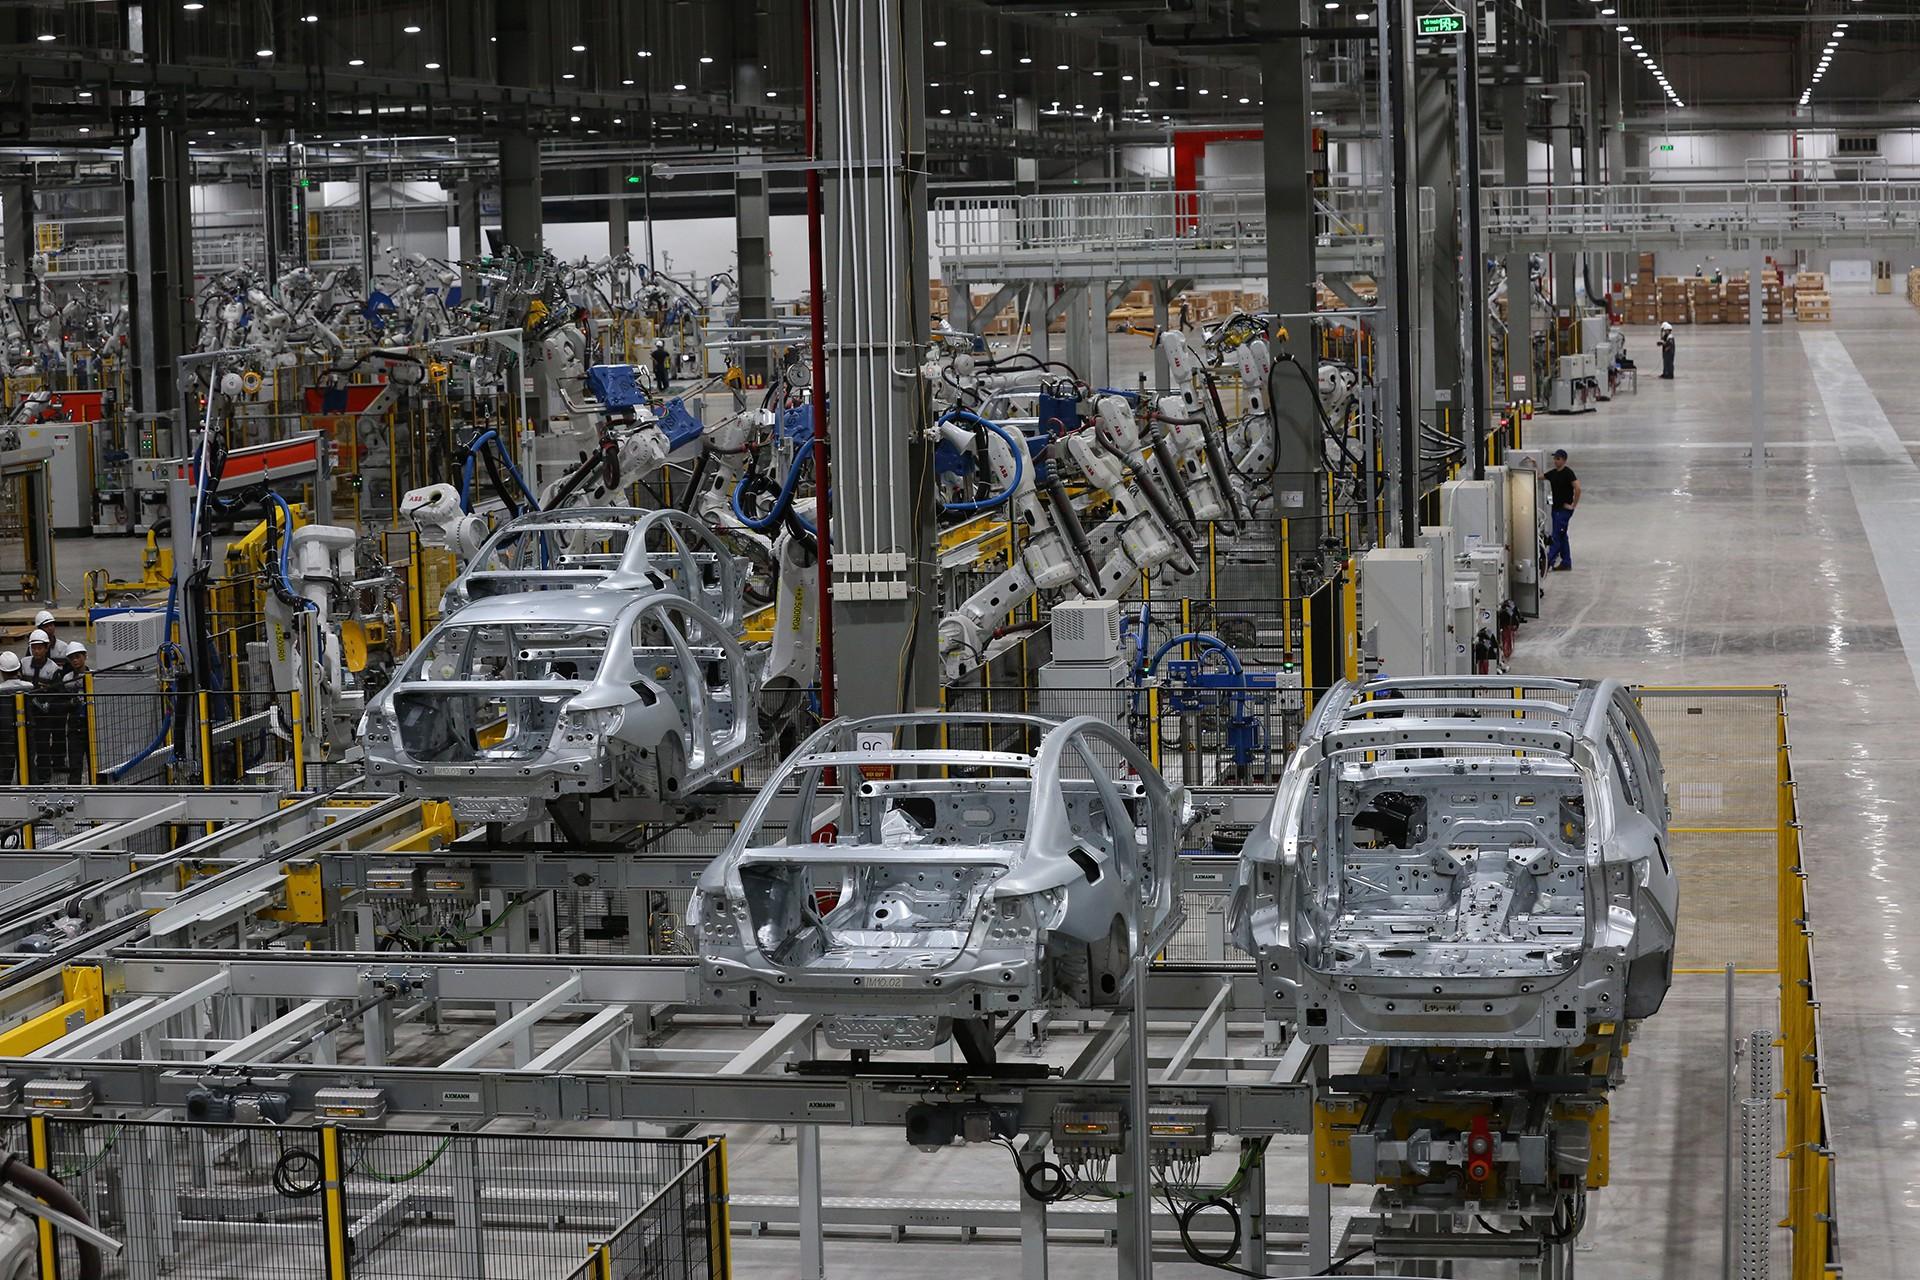 vinfast - 1p0a4394 15579628919001038433672 - Hé lộ hình ảnh bên trong nhà máy sản xuất ô tô sắp khánh thành của VinFast